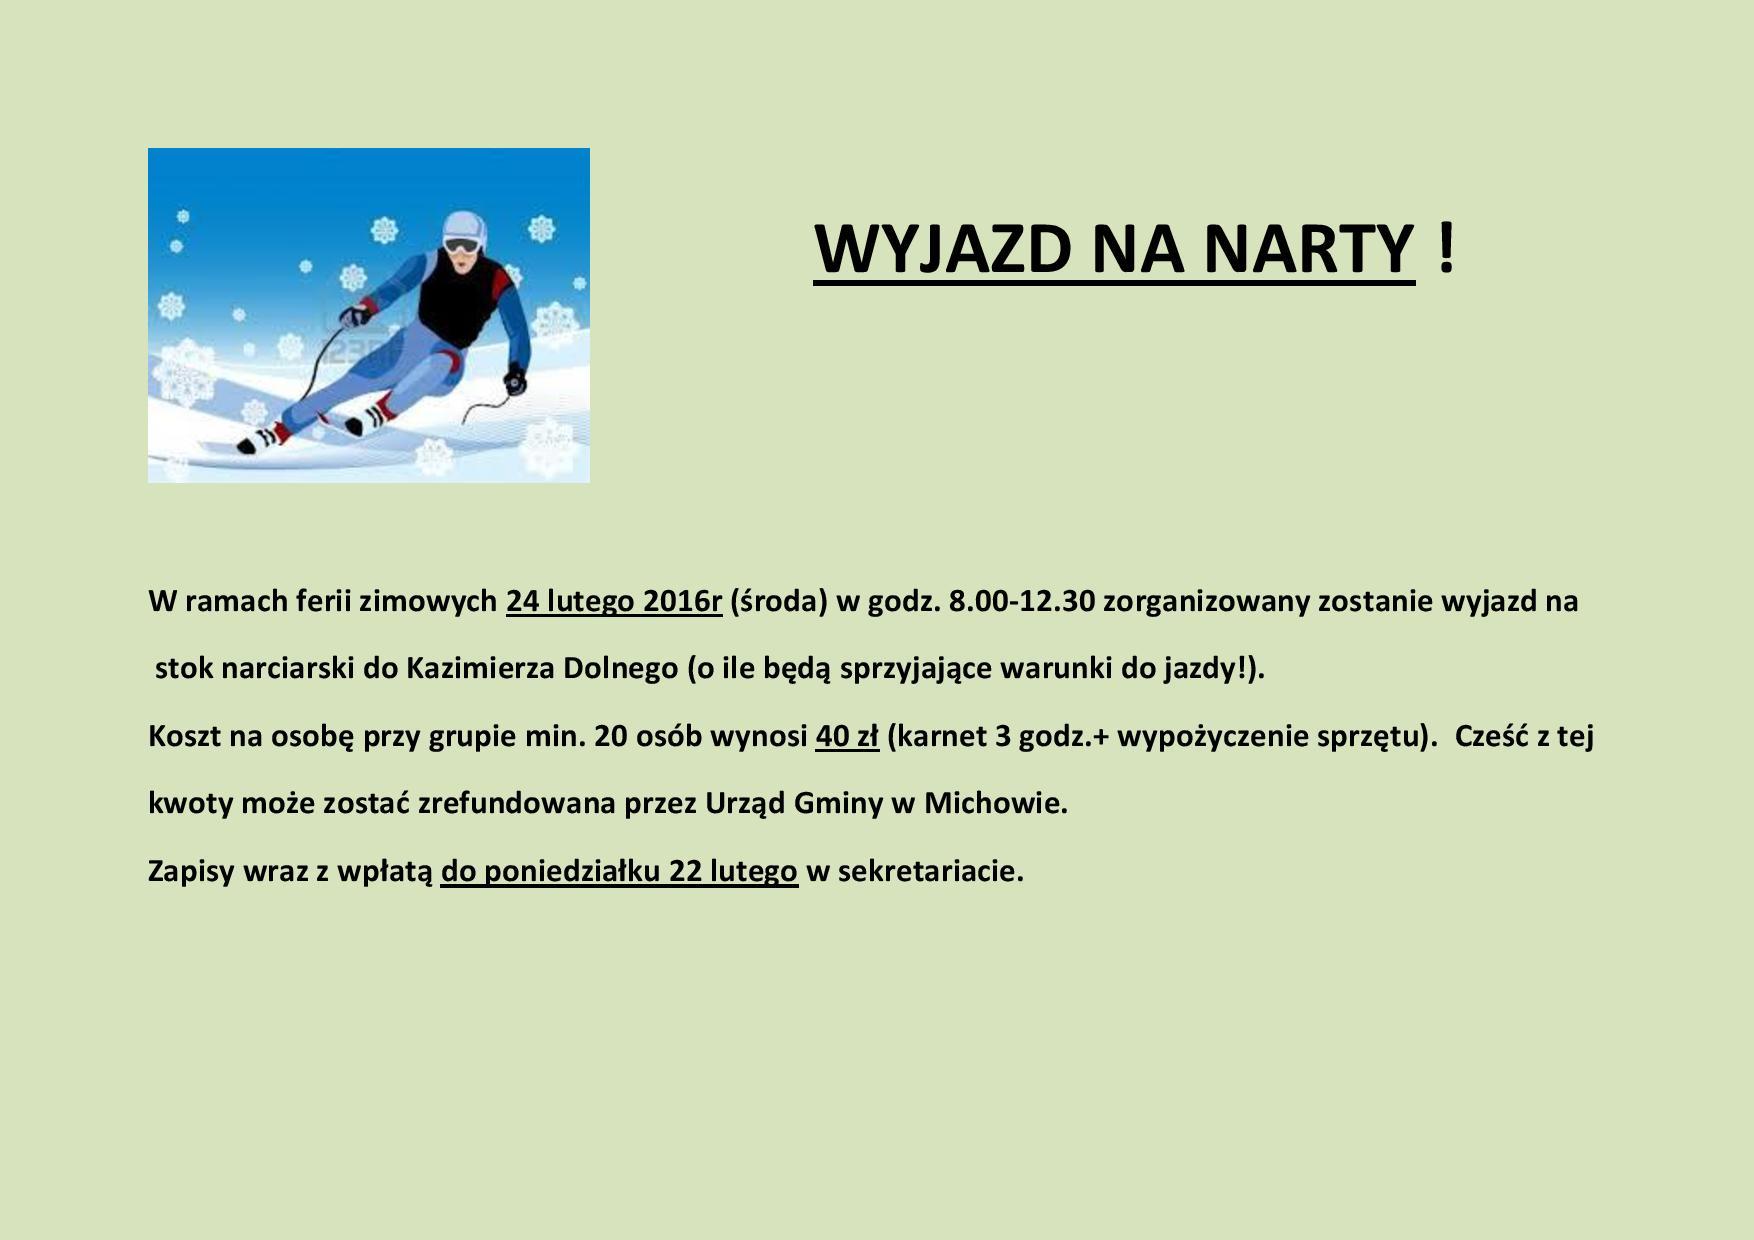 WYJAZD NA NARTY-page-001